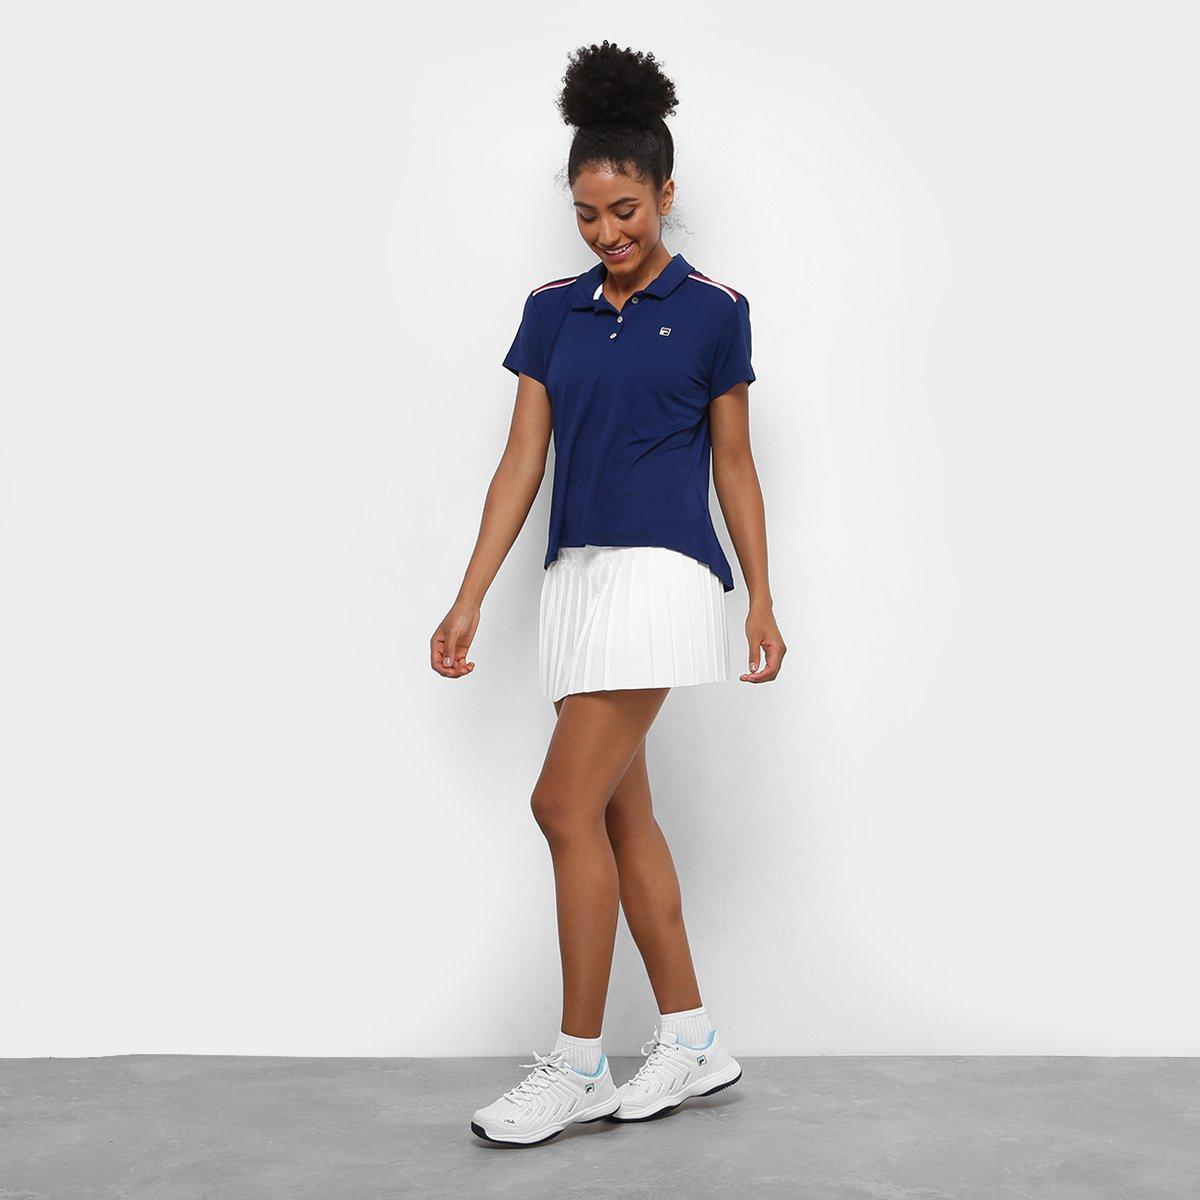 Camisa Polo Fila Basic II Feminina - Marinho e Branco - Compre Agora ... 29389aaea9534